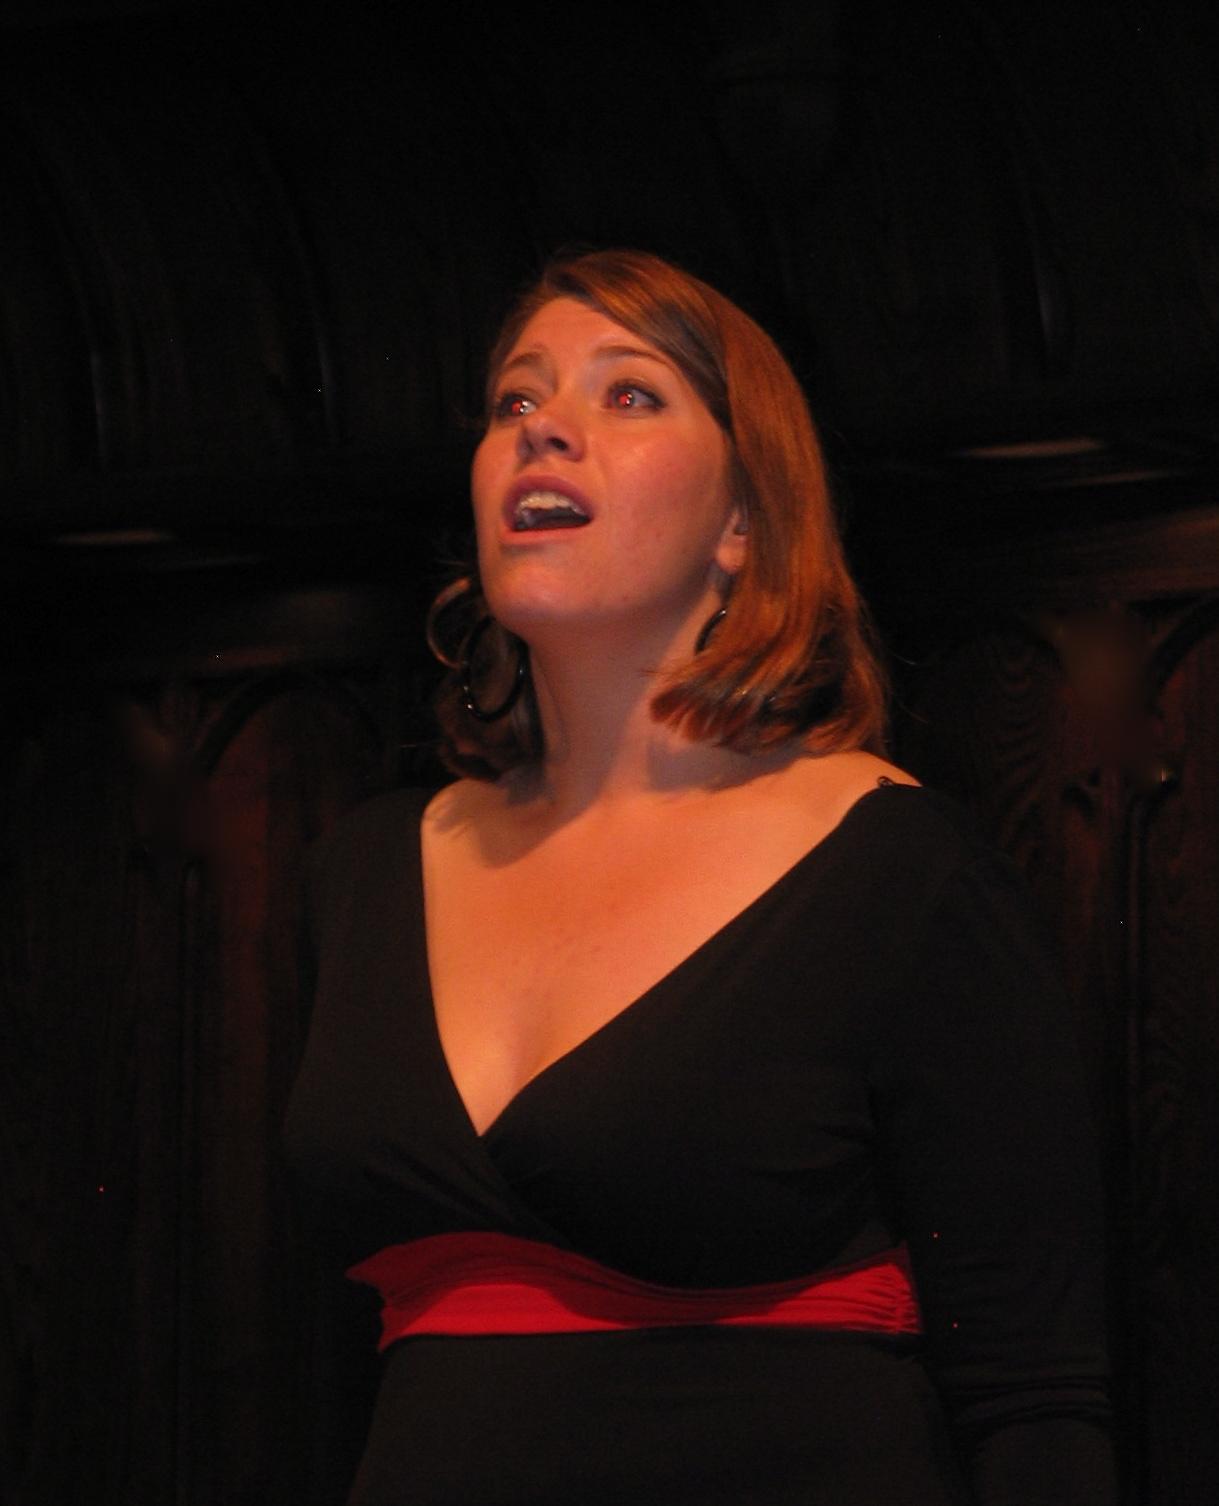 Abby Schaffer